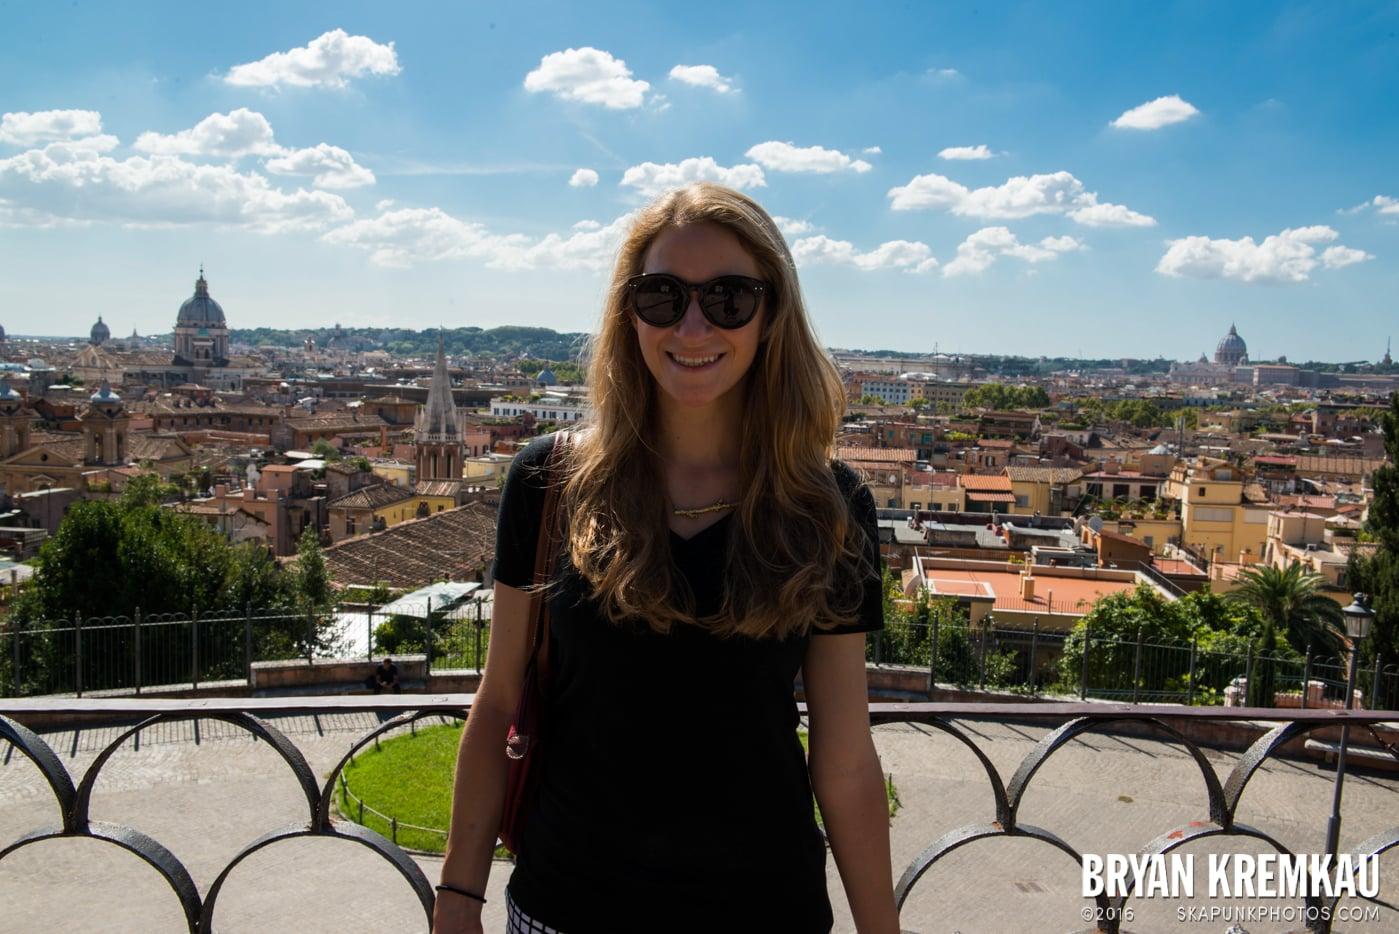 Italy Vacation - Day 12: Rome - 9.20.13 (24)